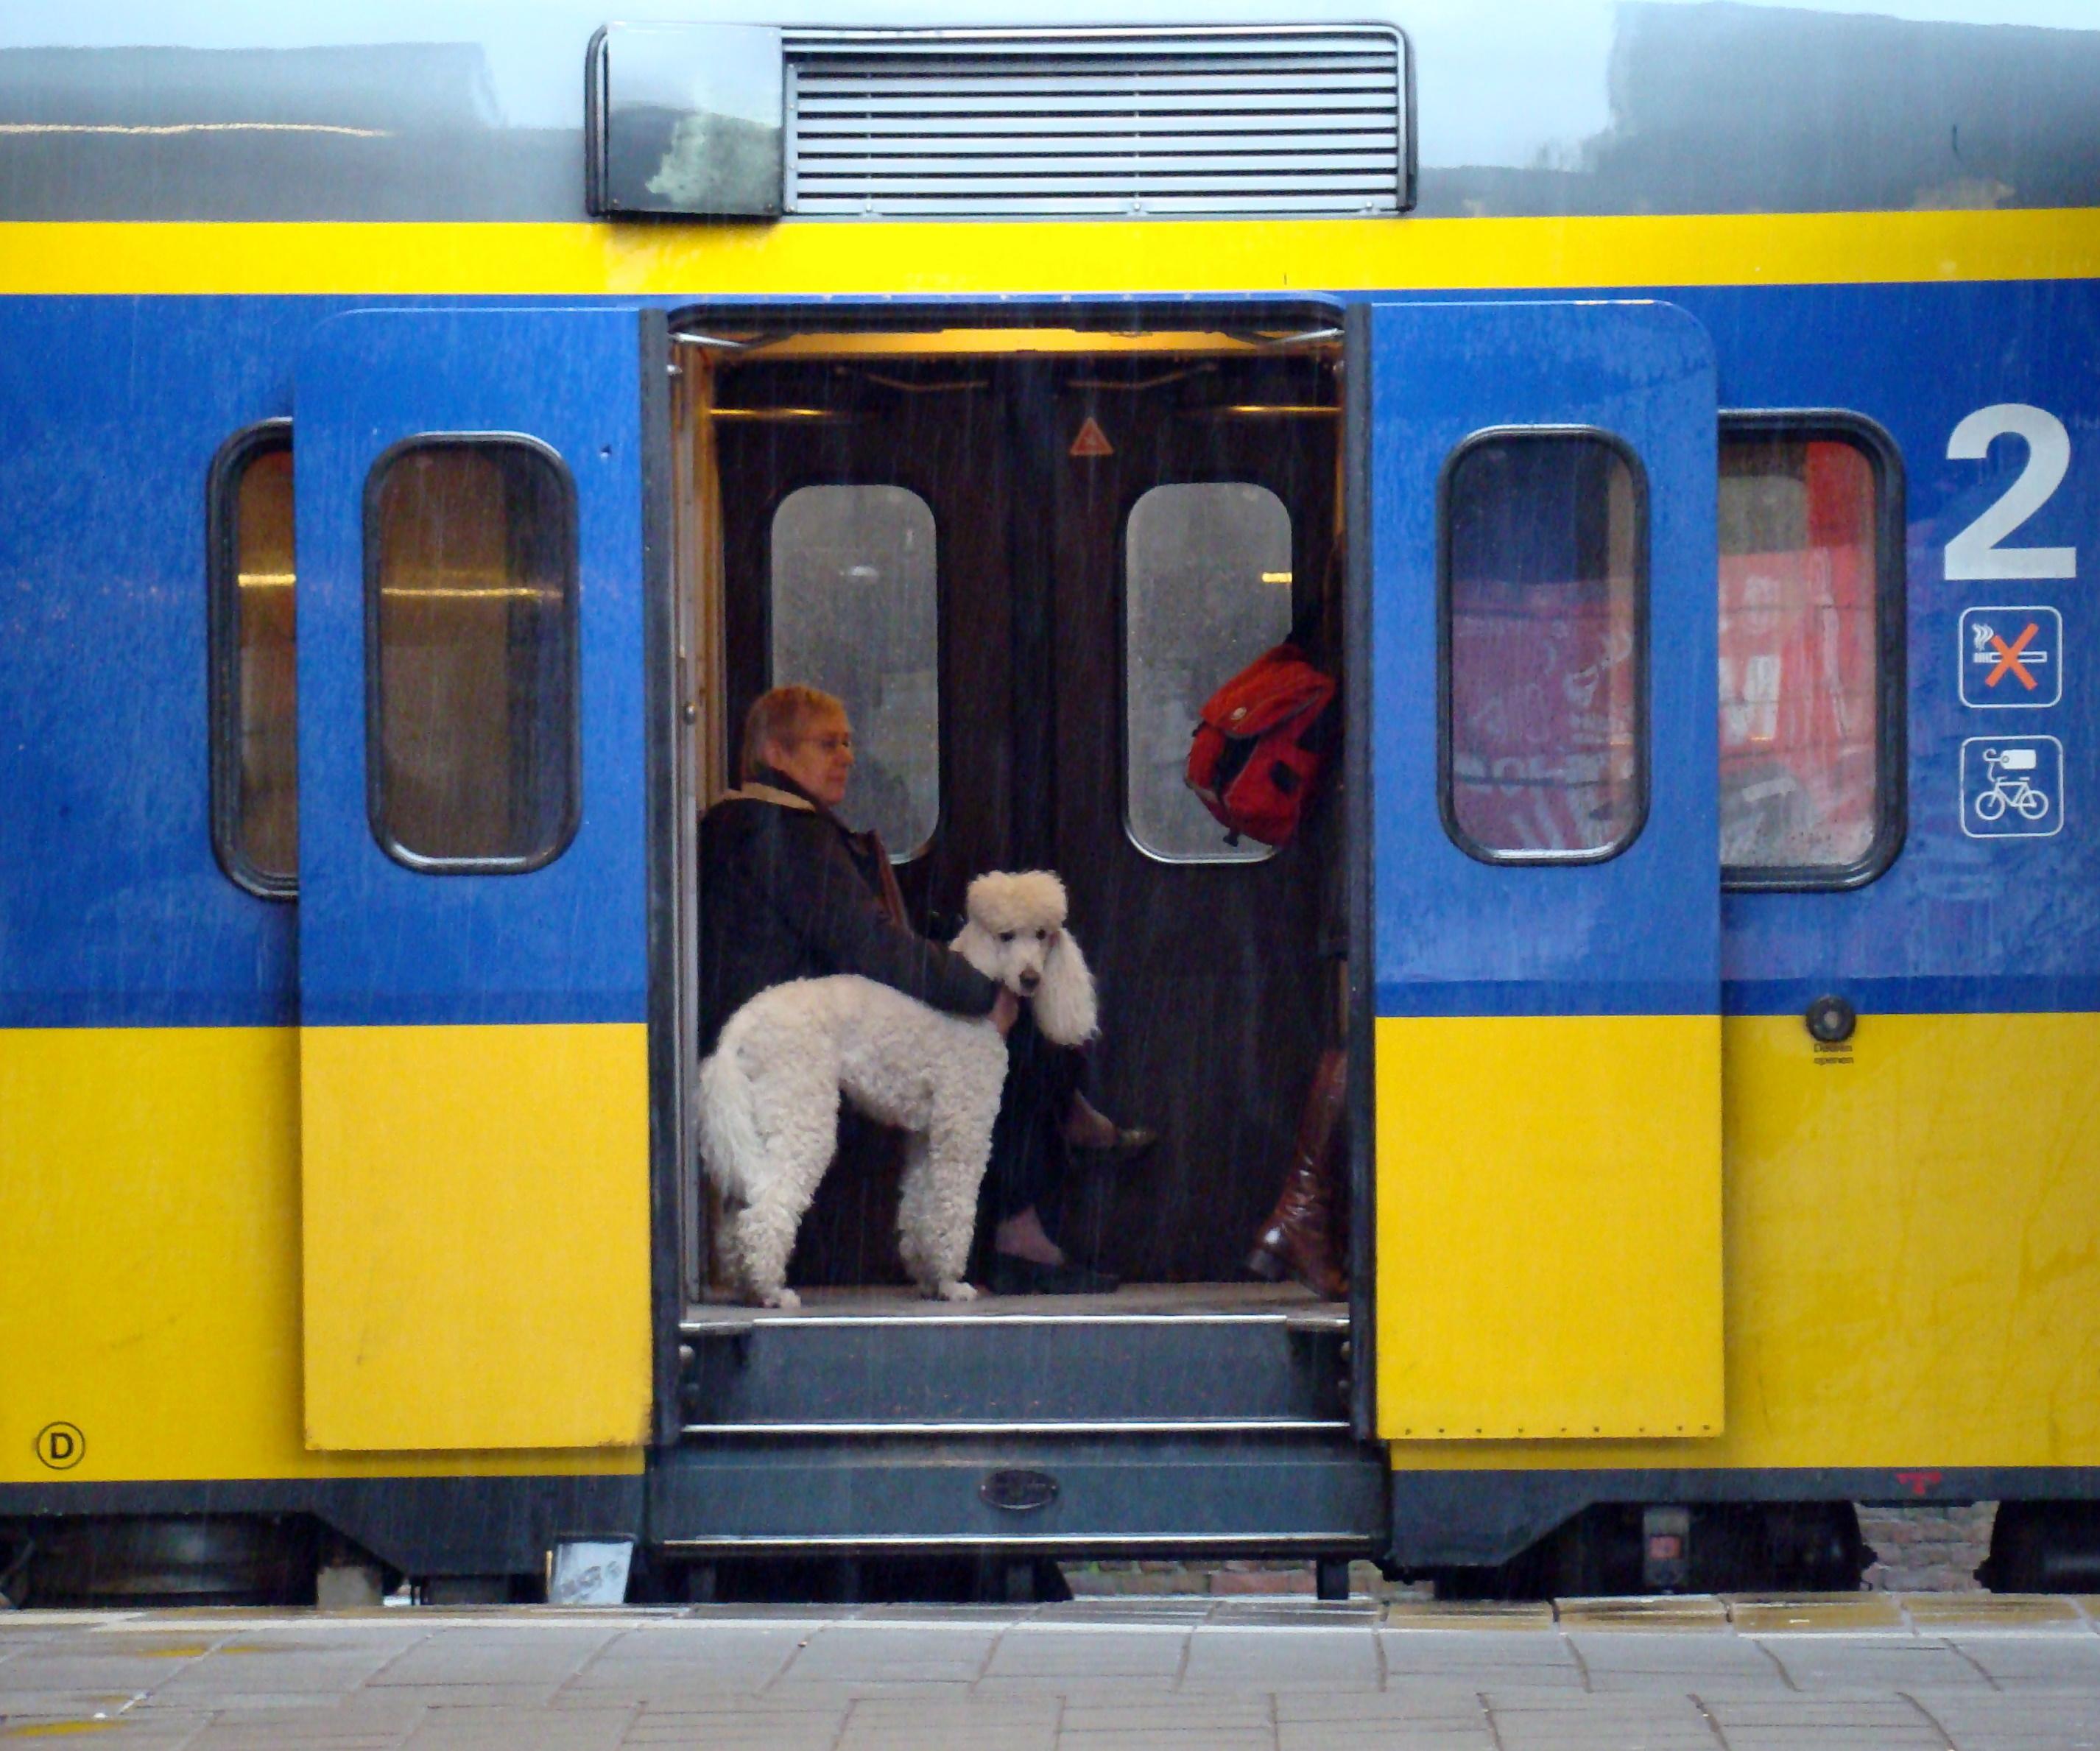 Ik neem soms de trein met dieren